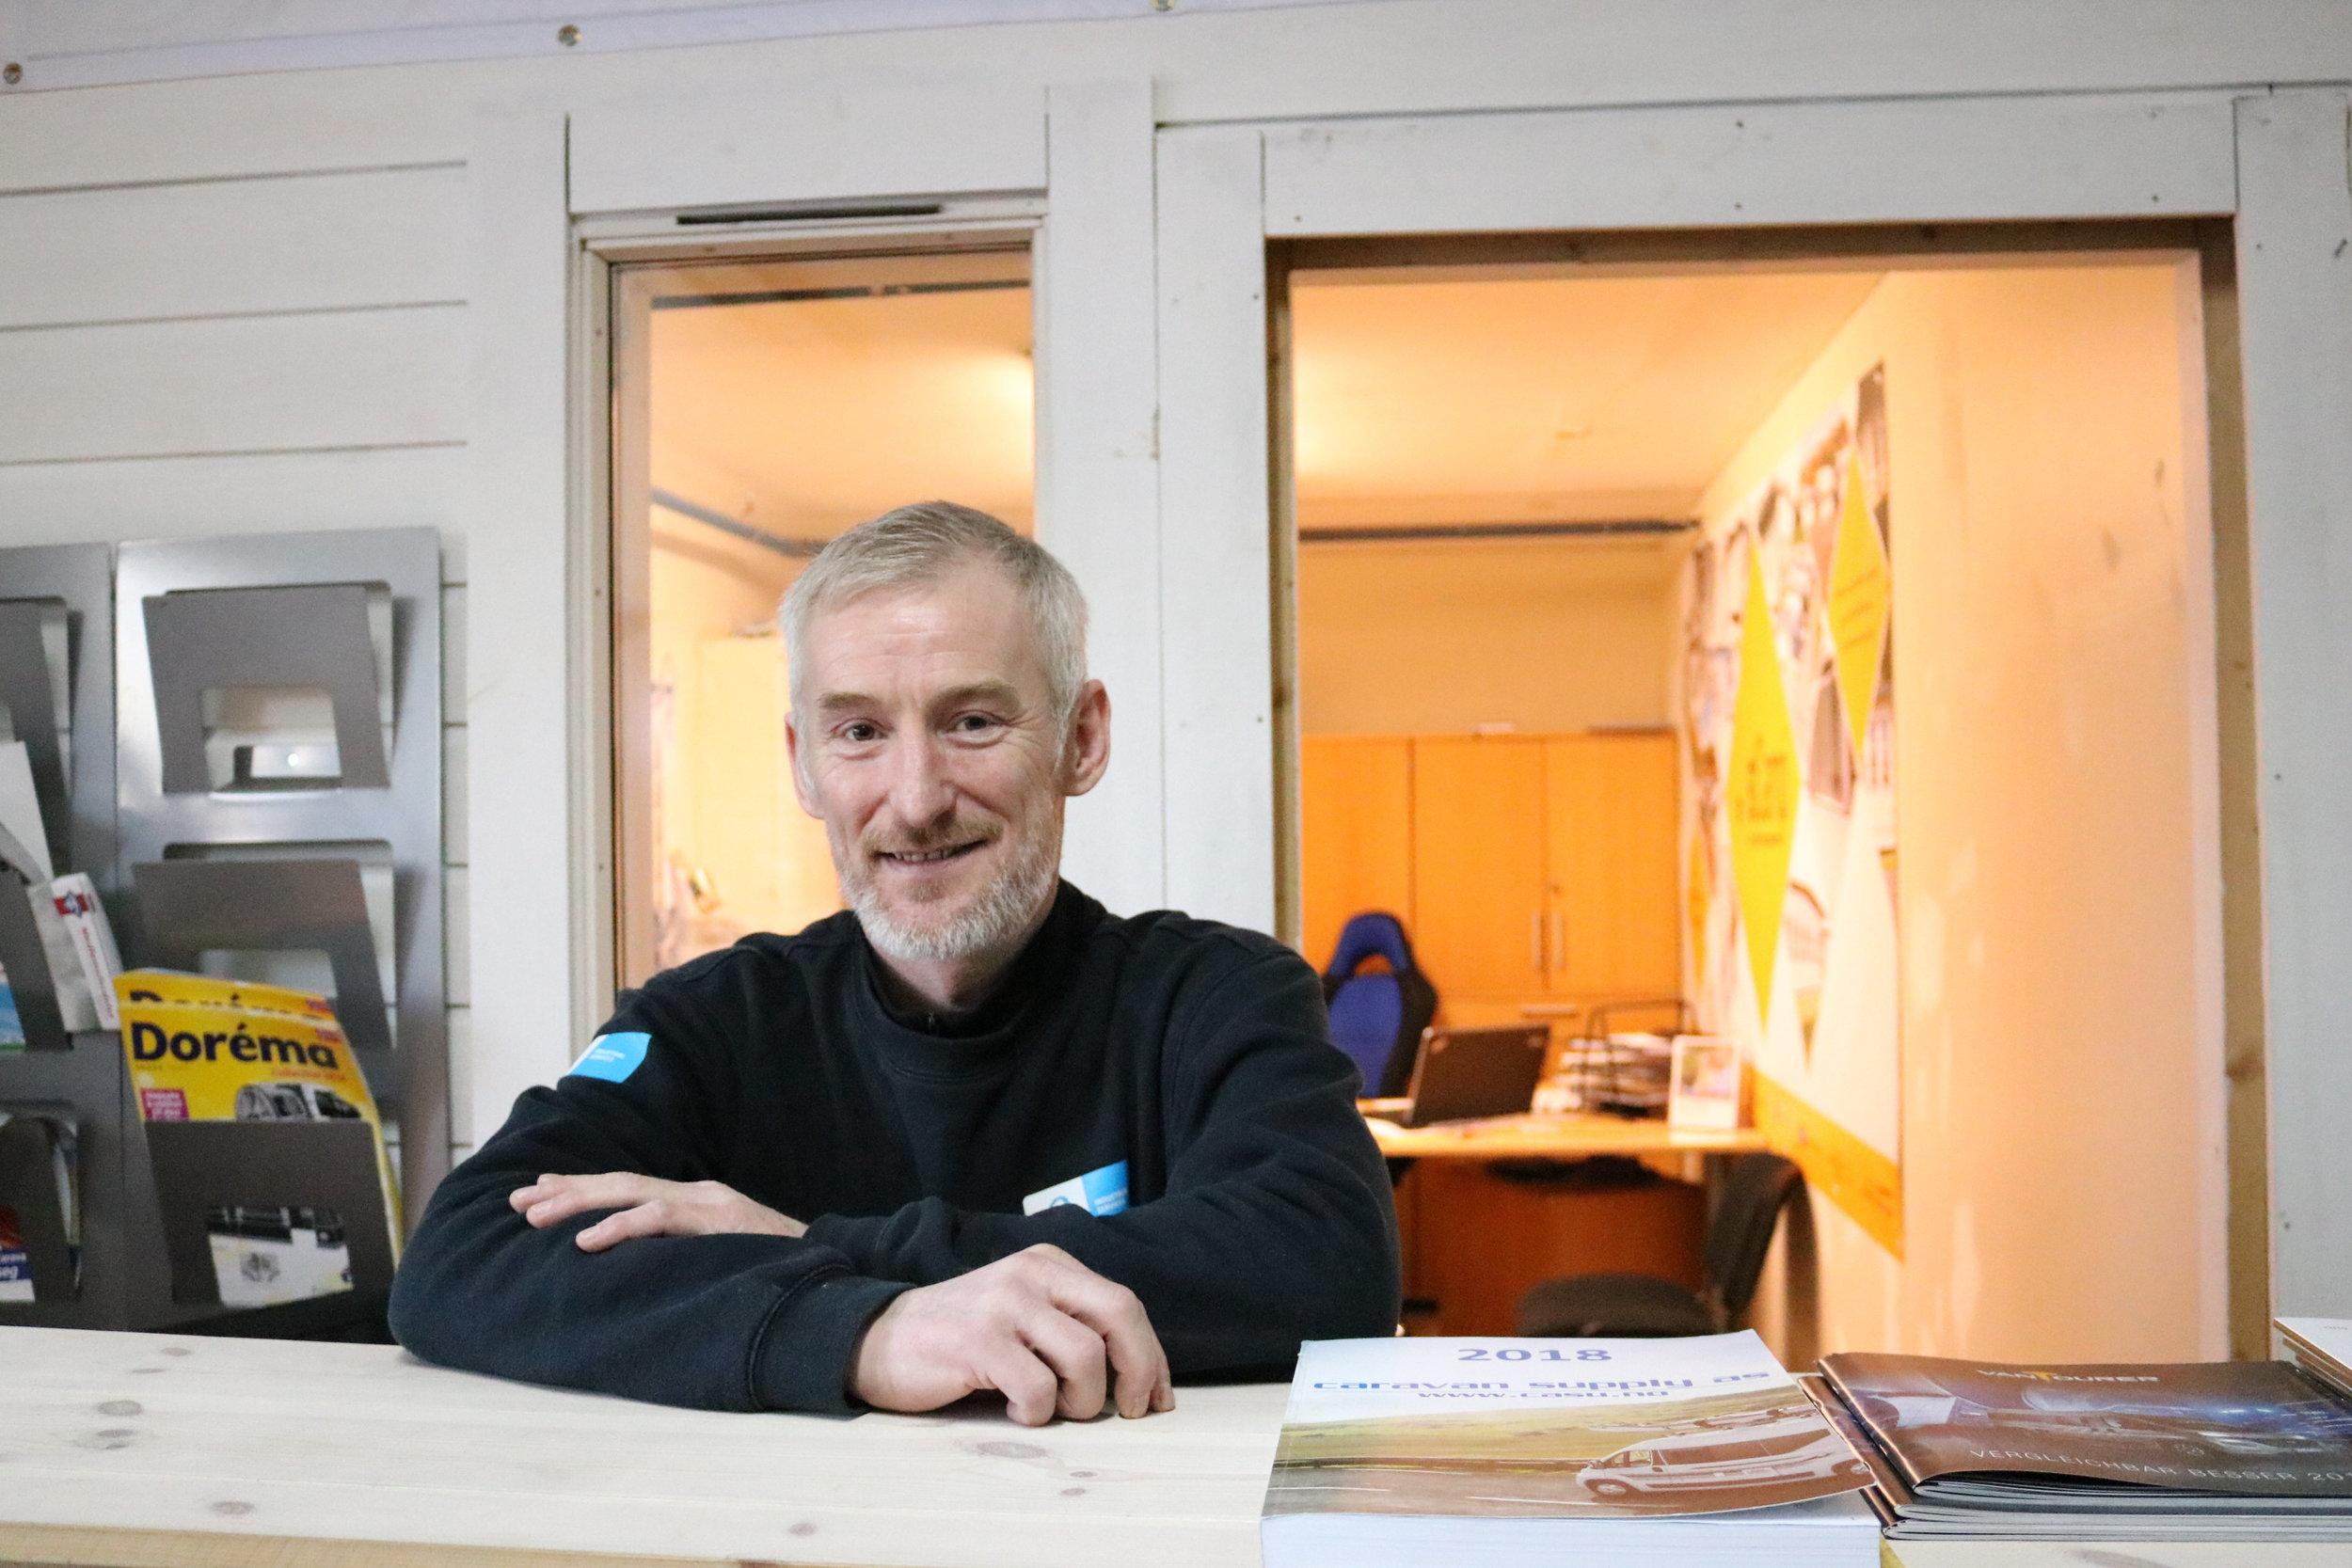 Trond Lasse Hansen er daglig leder og eier av Ågotnes Caravan Service As. Han står klar til å hjelpe deg enten det er behov for modernisering og ettermontering av utstyr, reperasjoner, kjøp eller salg av bobiler..